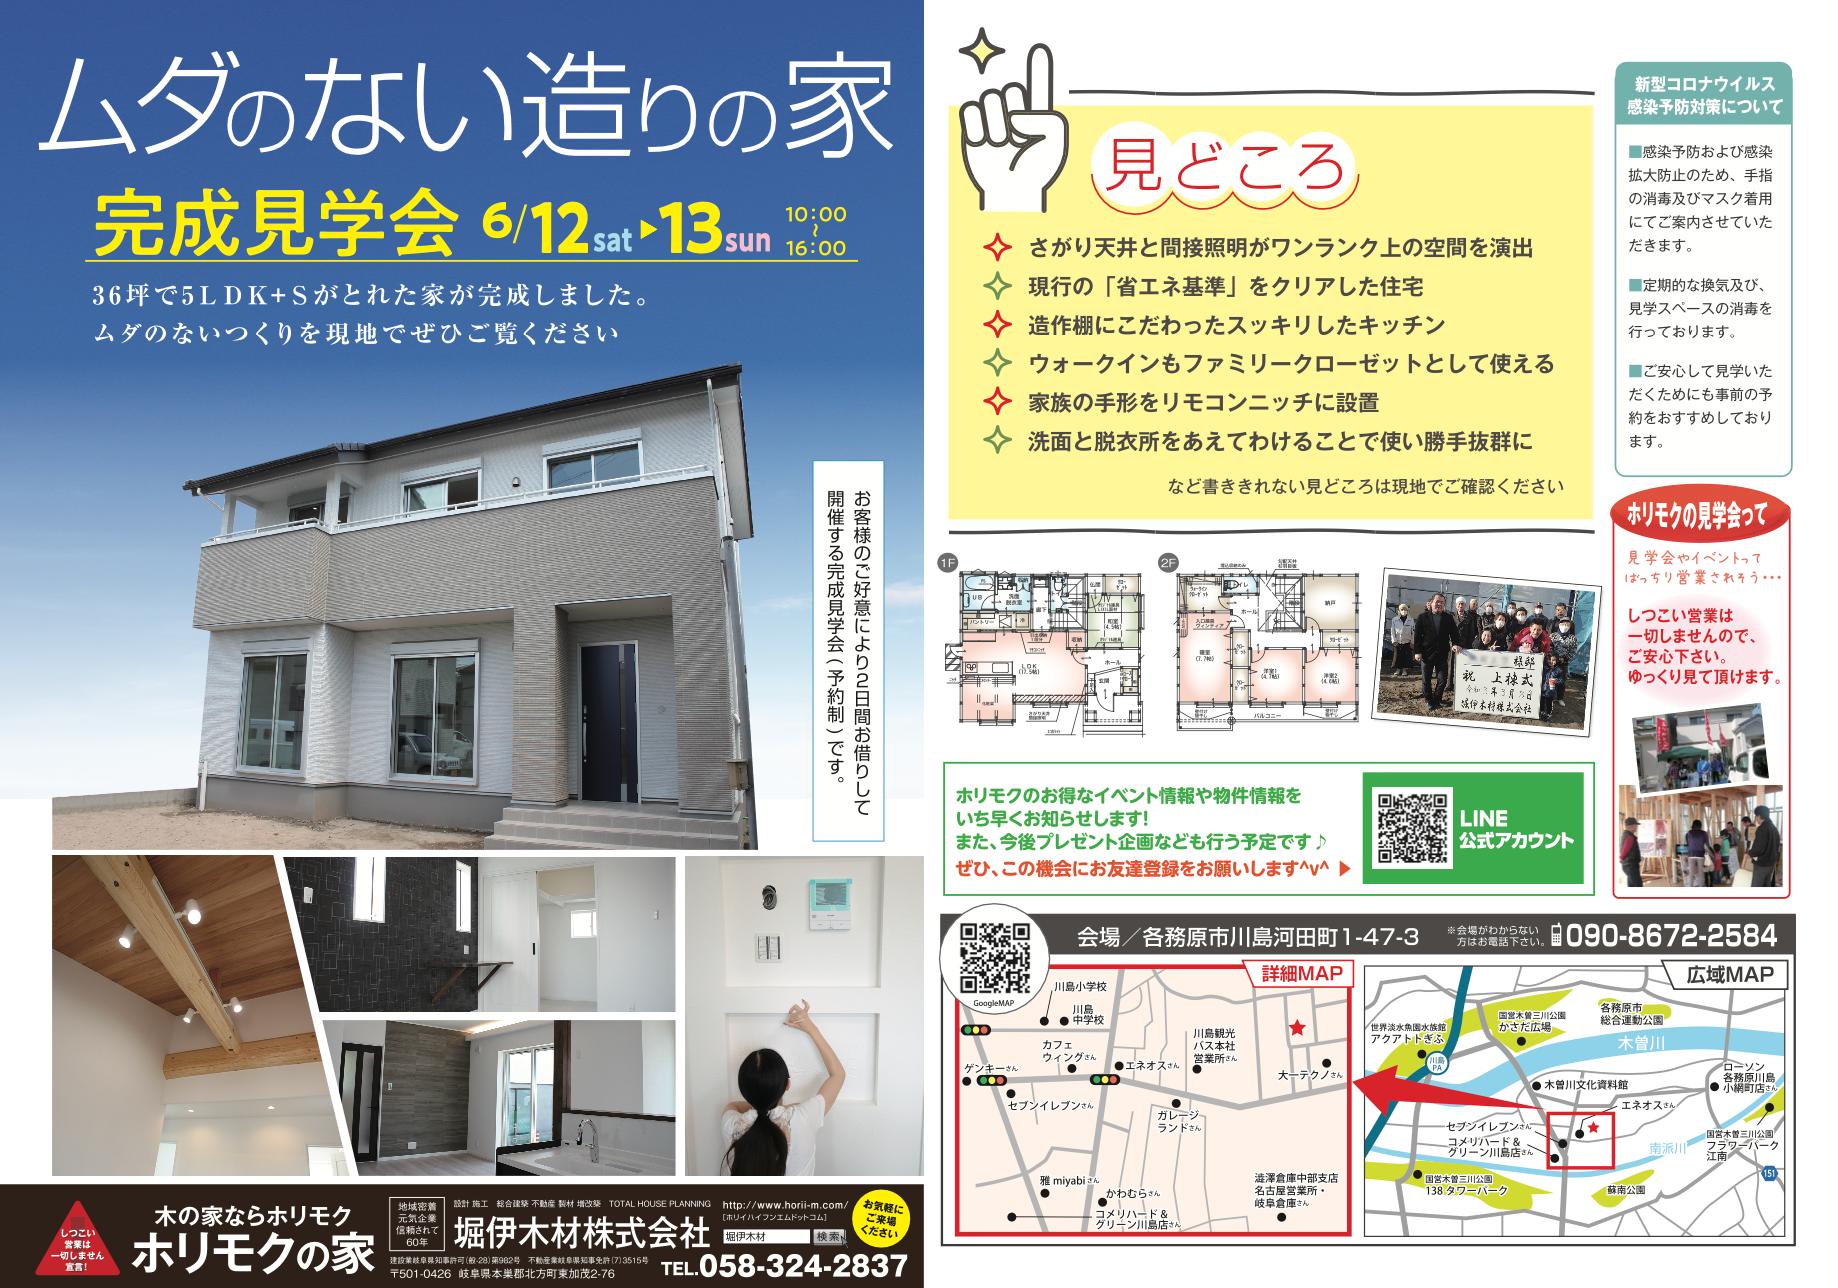 【終了】6月12日(土)・13日(日)ムダのない造りの家 完成見学会